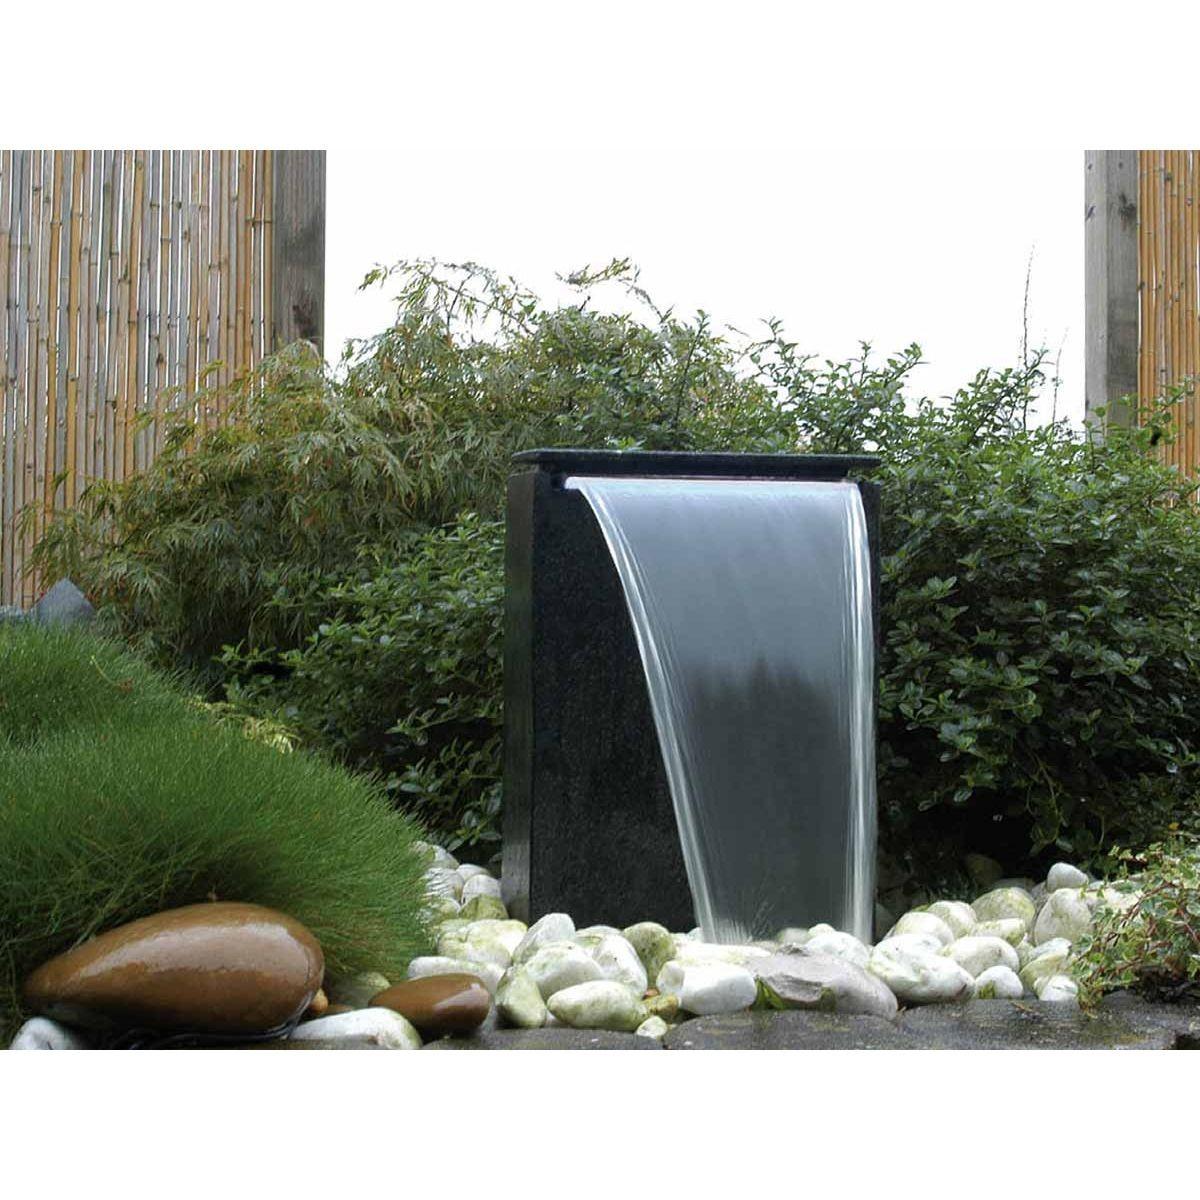 Photo Fontaine De Jardin fontaine de jardin vicenza avec chute d'eau led - taille